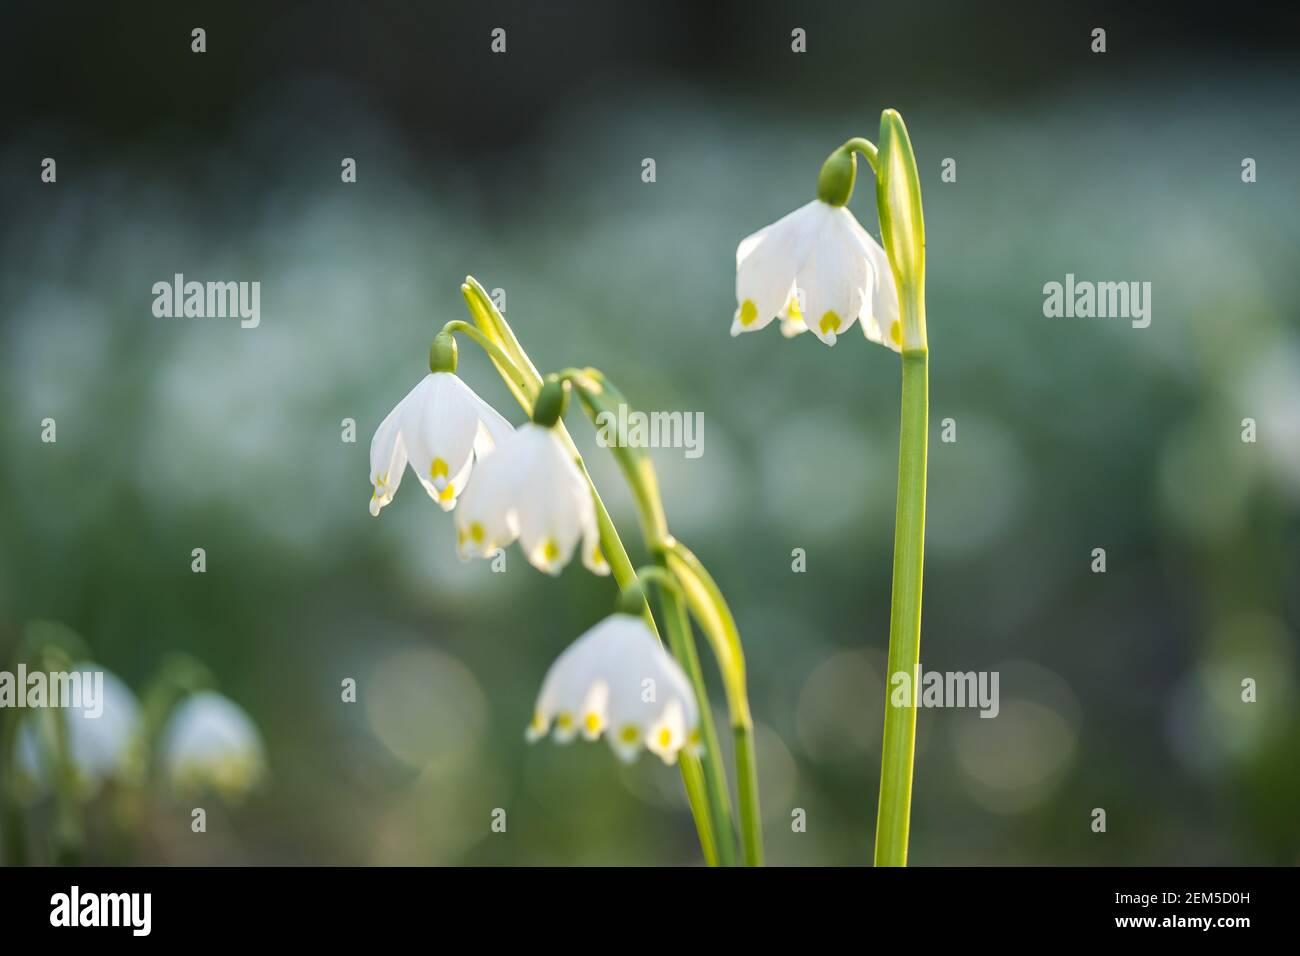 Leucojum vernum o copo de nieve de primavera - flores blancas en flor a principios de la primavera en el bosque, primer plano macro imagen. Foto de stock